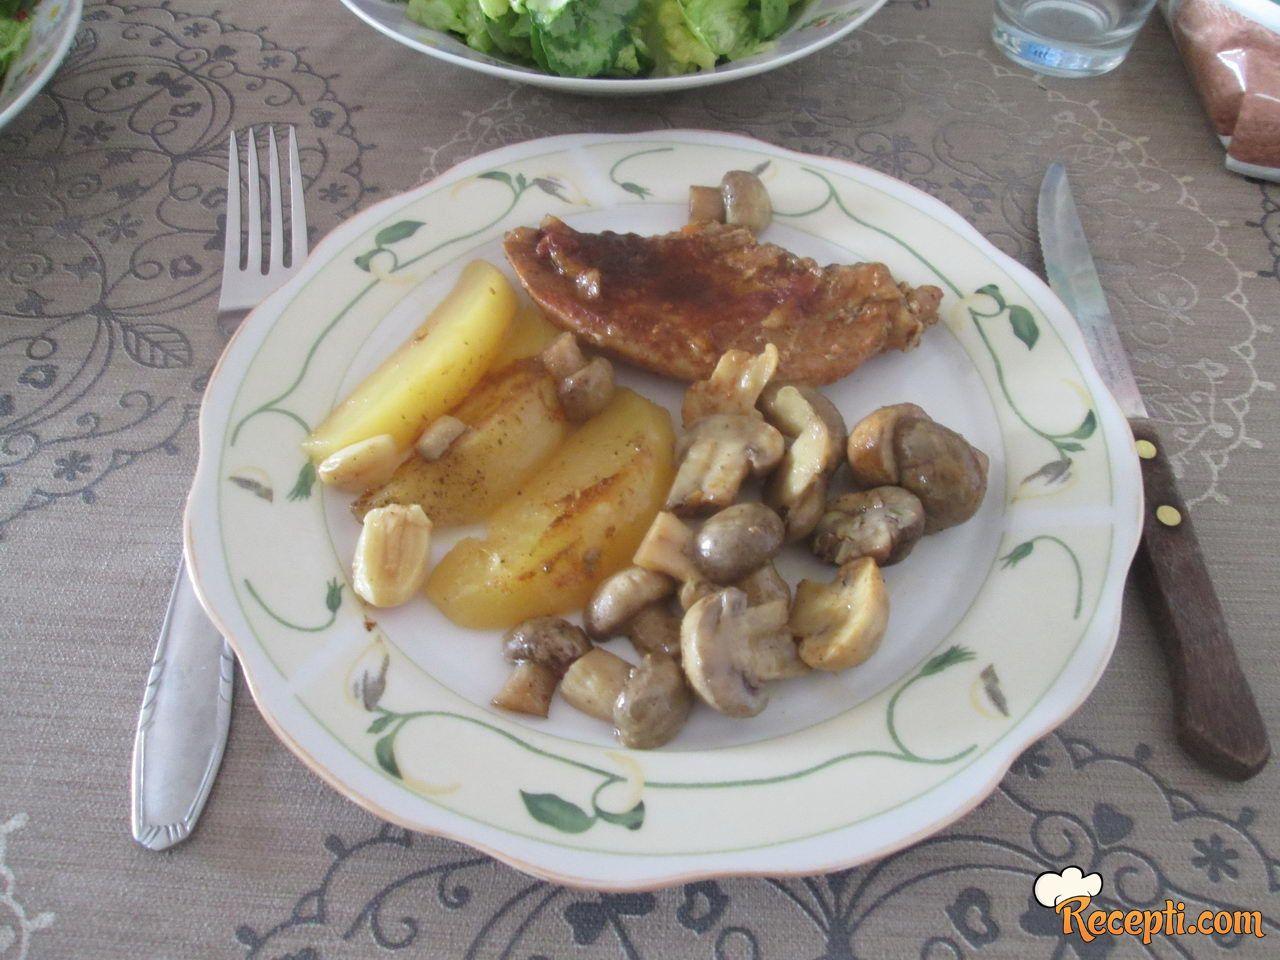 Svinjsko meso, krompir, šampinjoni - iz rerne